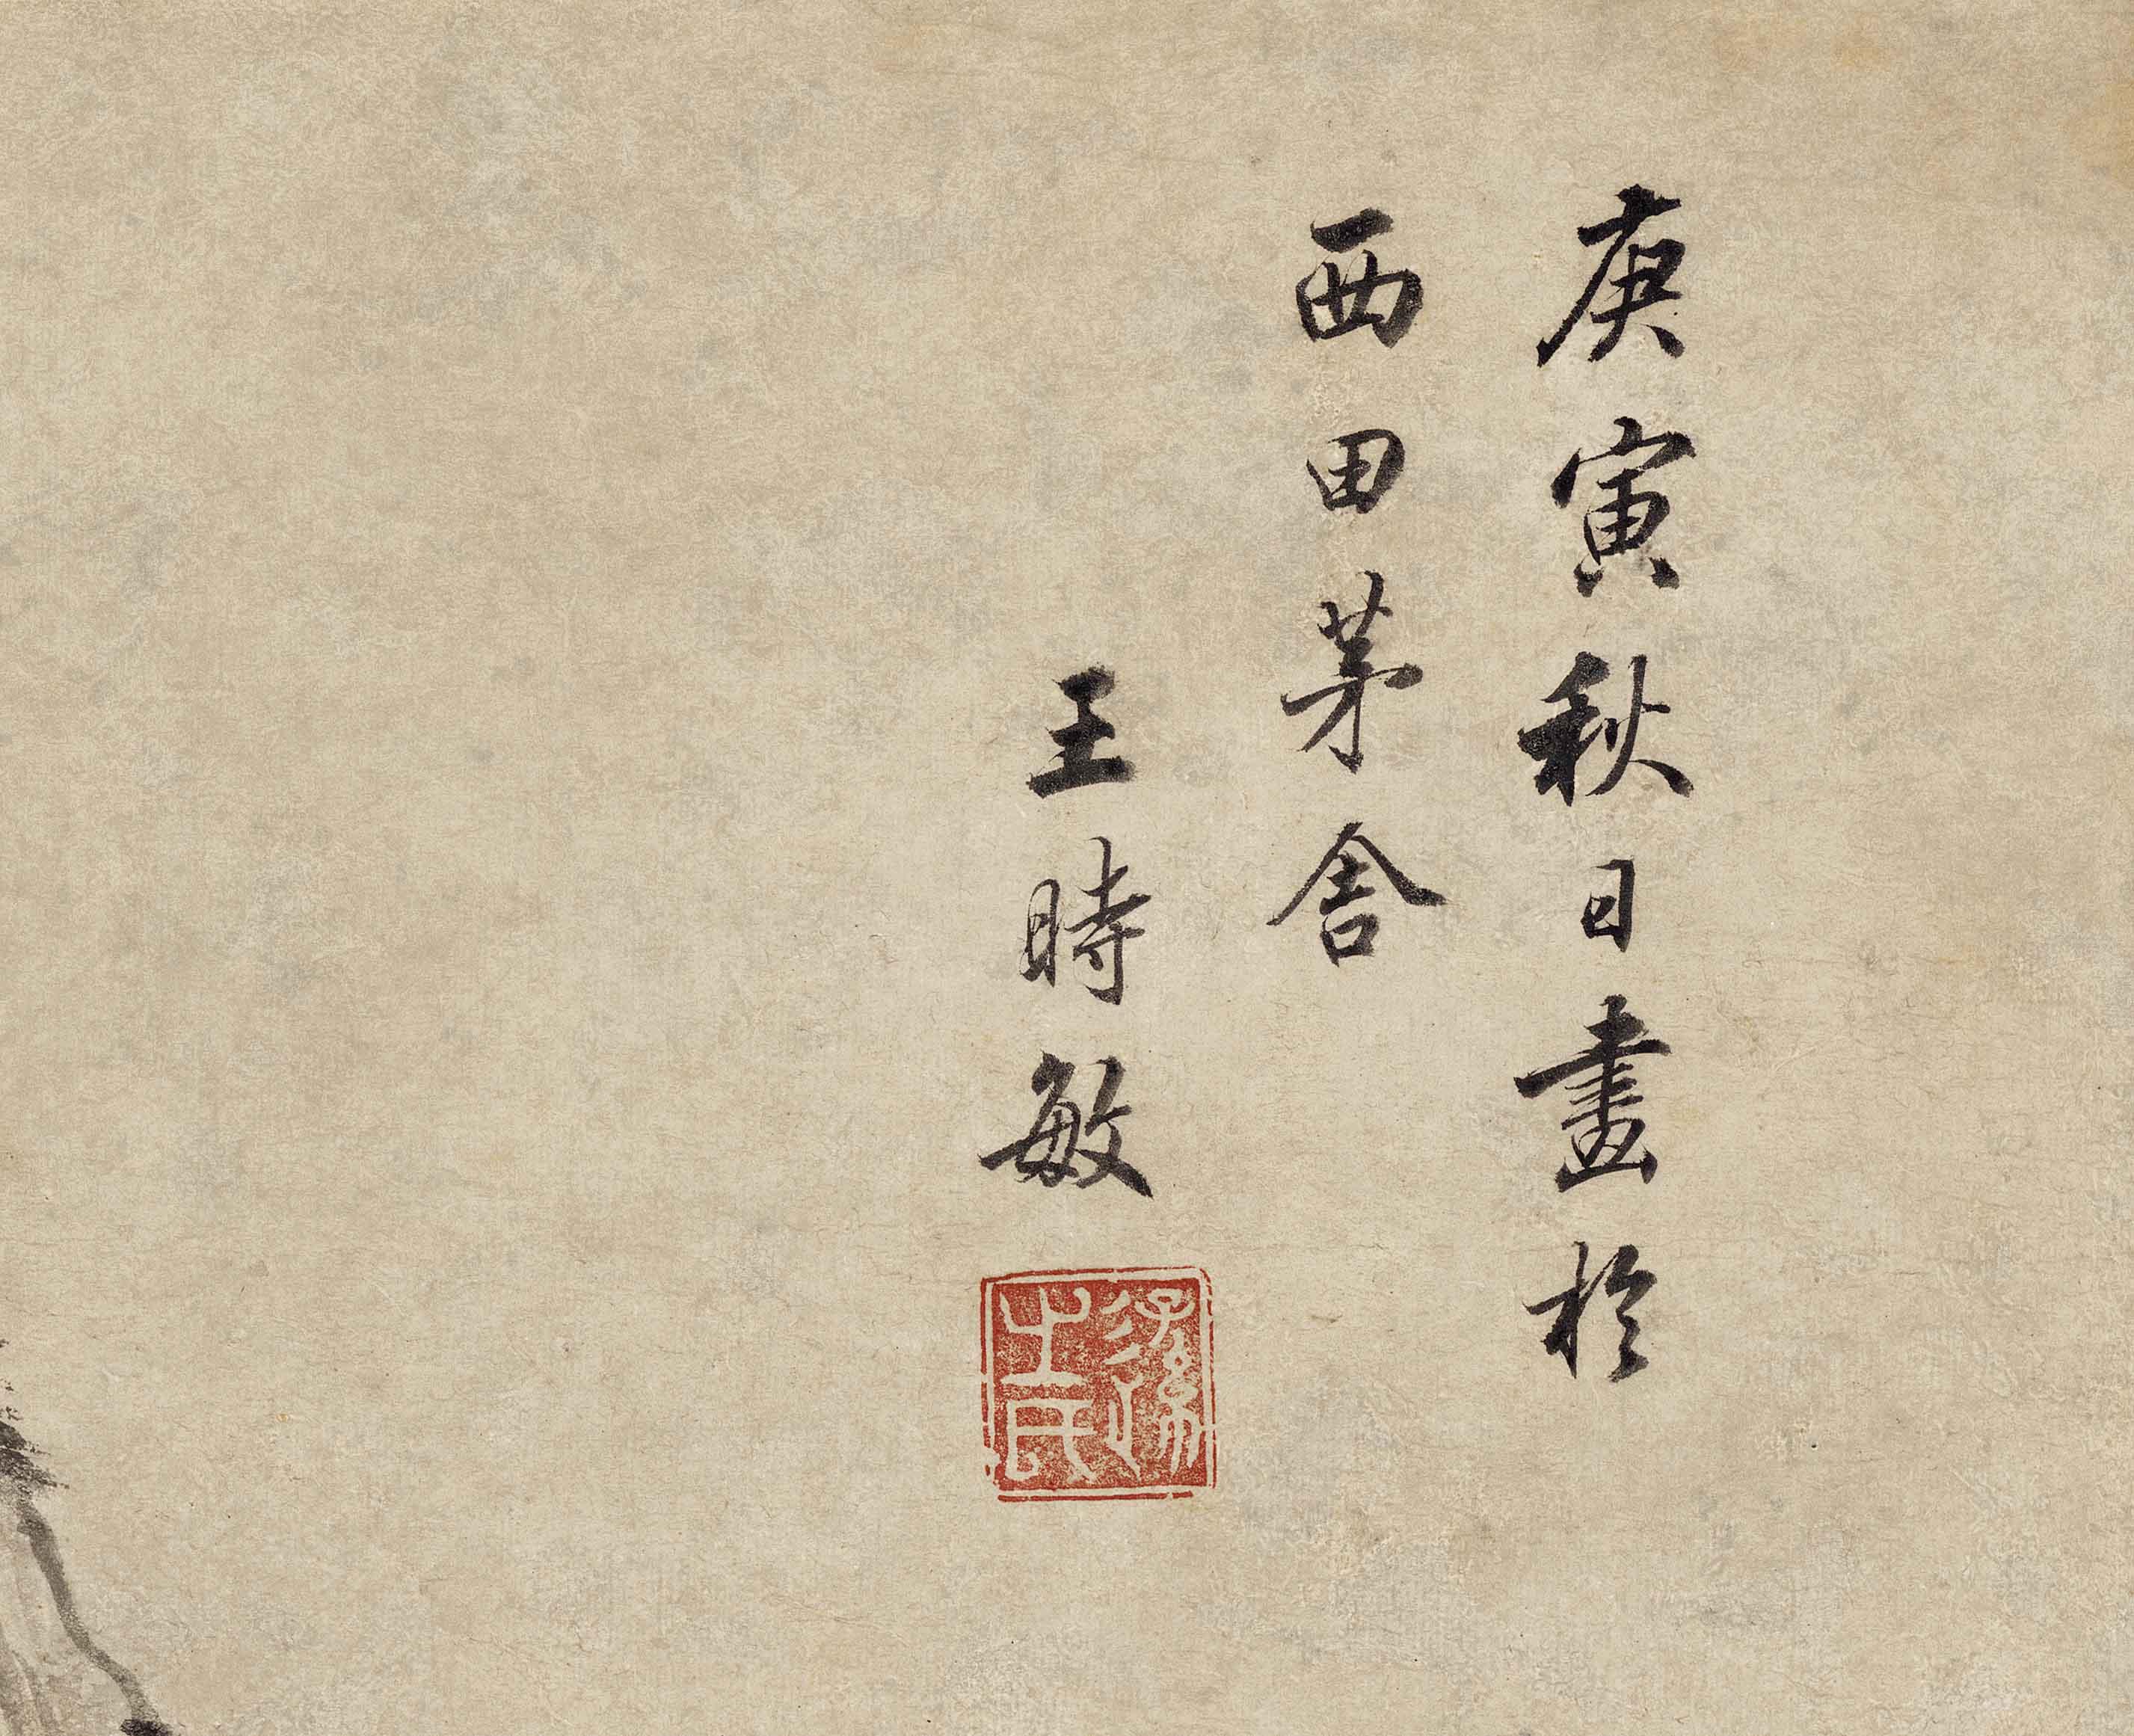 1:1清 王時敏 叢林曲調圖紙本墨筆山水國畫真跡高清復制臨摹范本